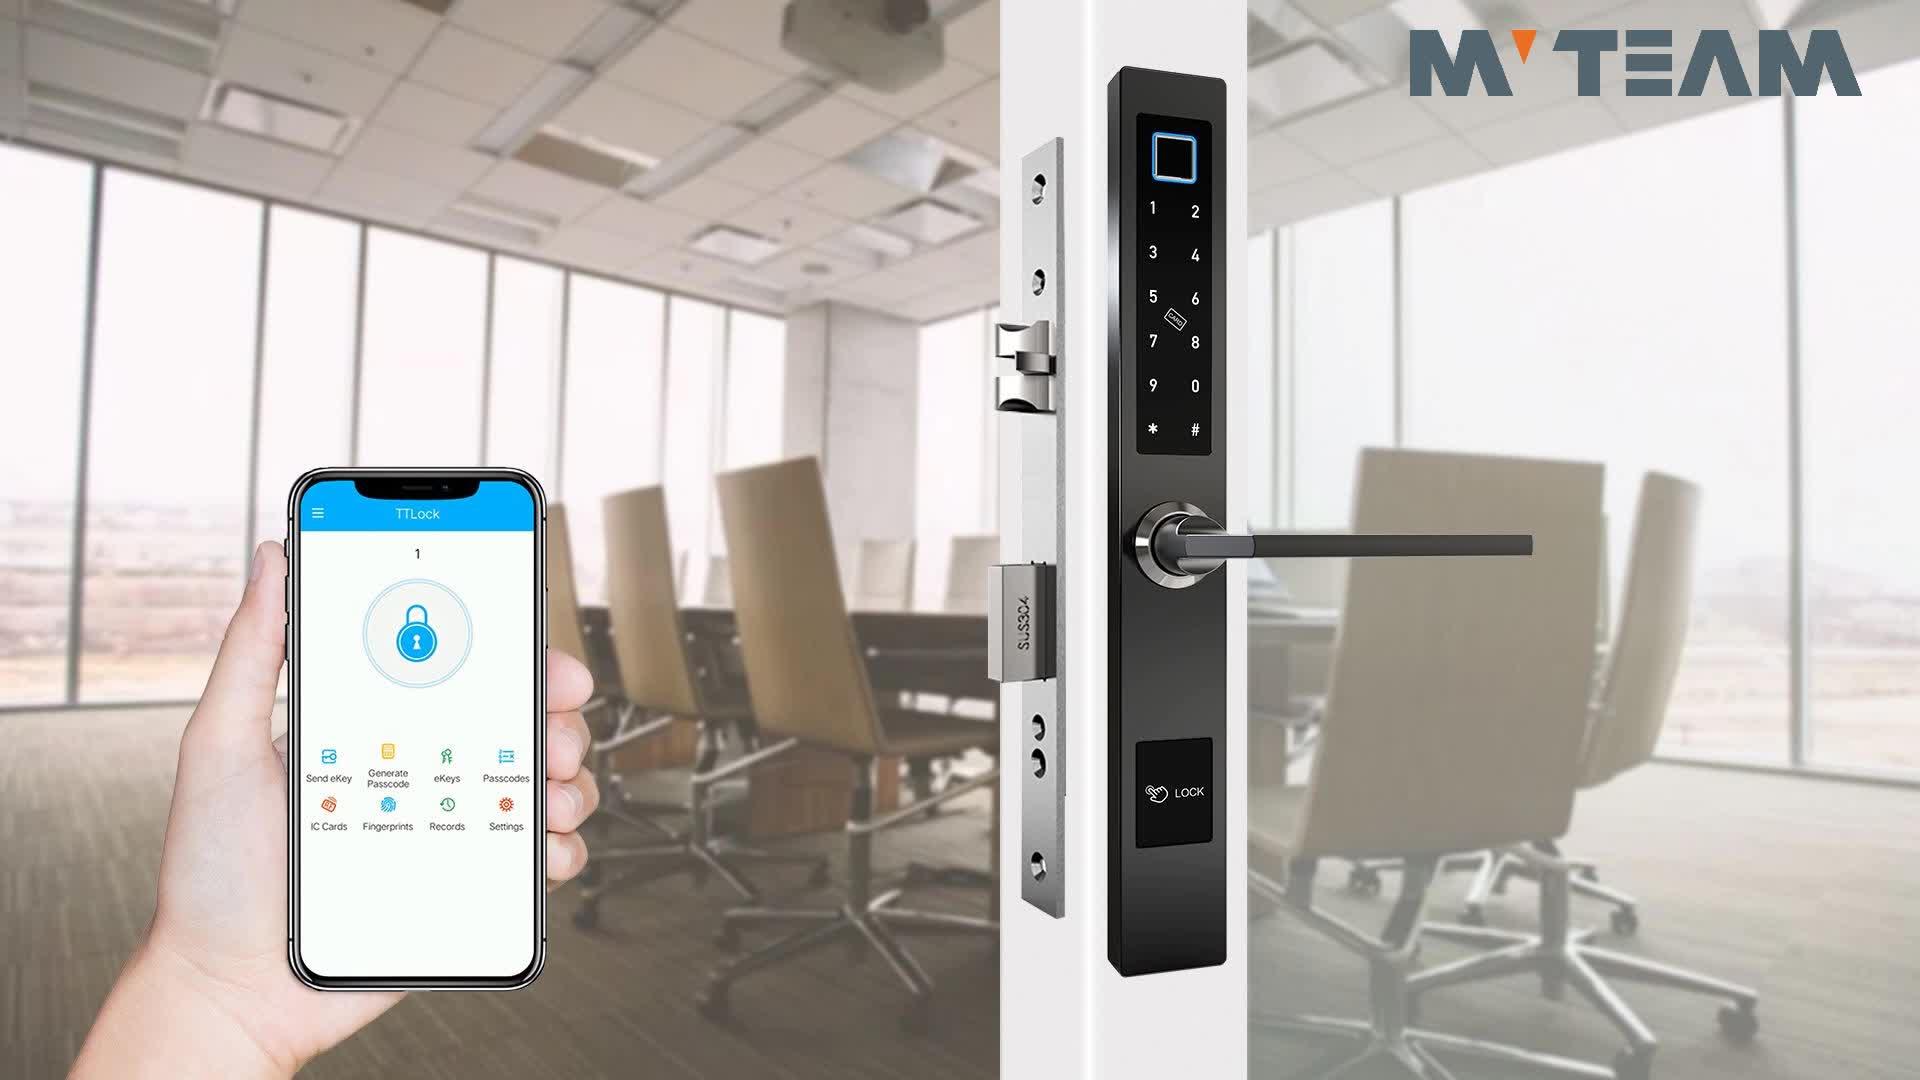 กันน้ำWiFi TTLock APPปลดล็อคระยะไกลสมาร์ทสไลด์ประตูดิจิตอลรหัสลายนิ้วมือไฟฟ้าเลื่อนกระจกล็อคประตูไม้